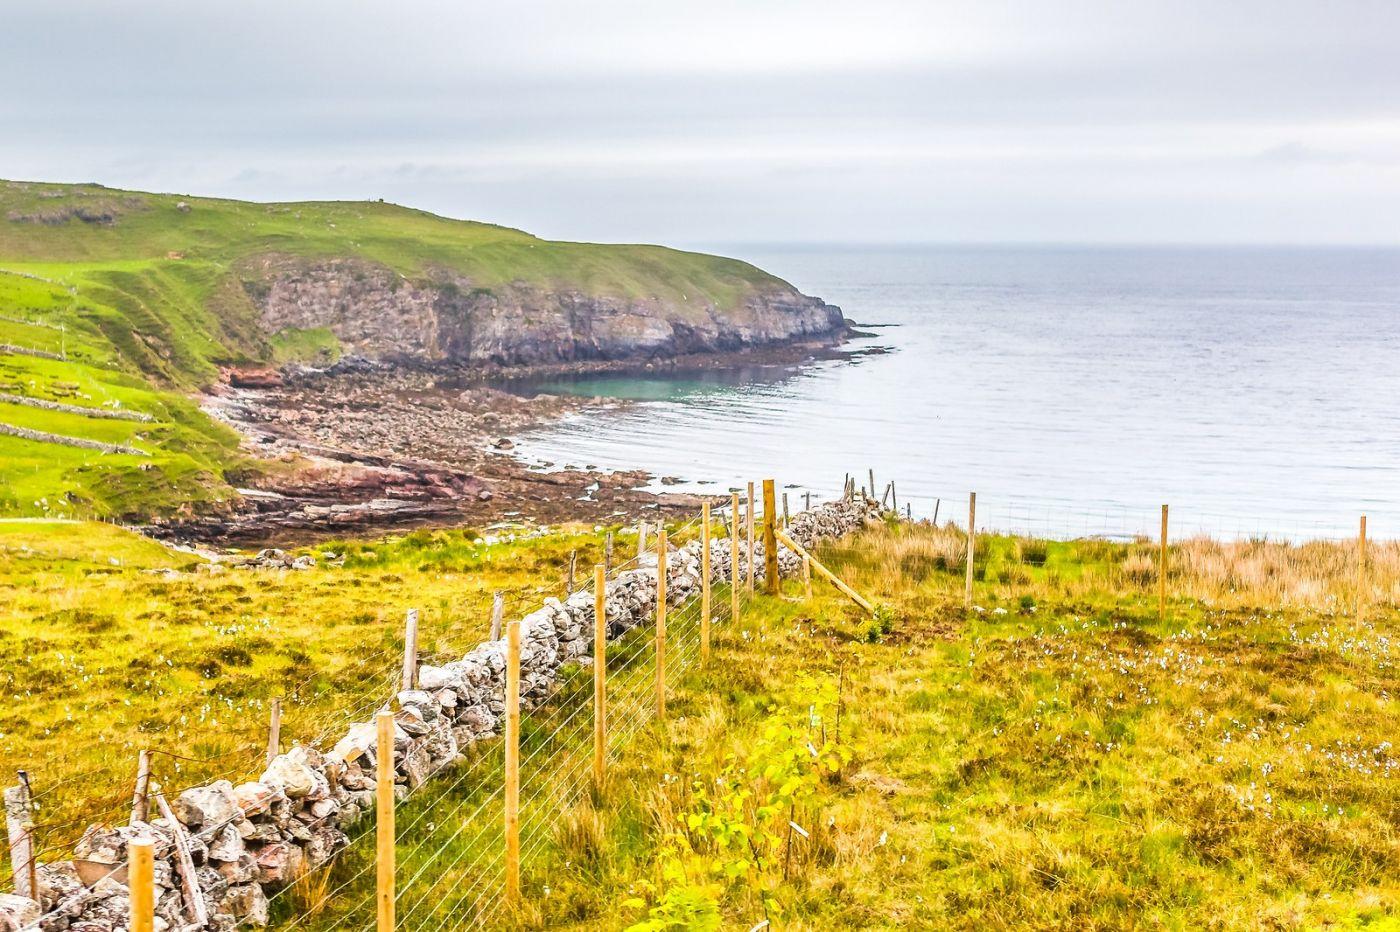 苏格兰美景,弯弯的沙滩_图1-8